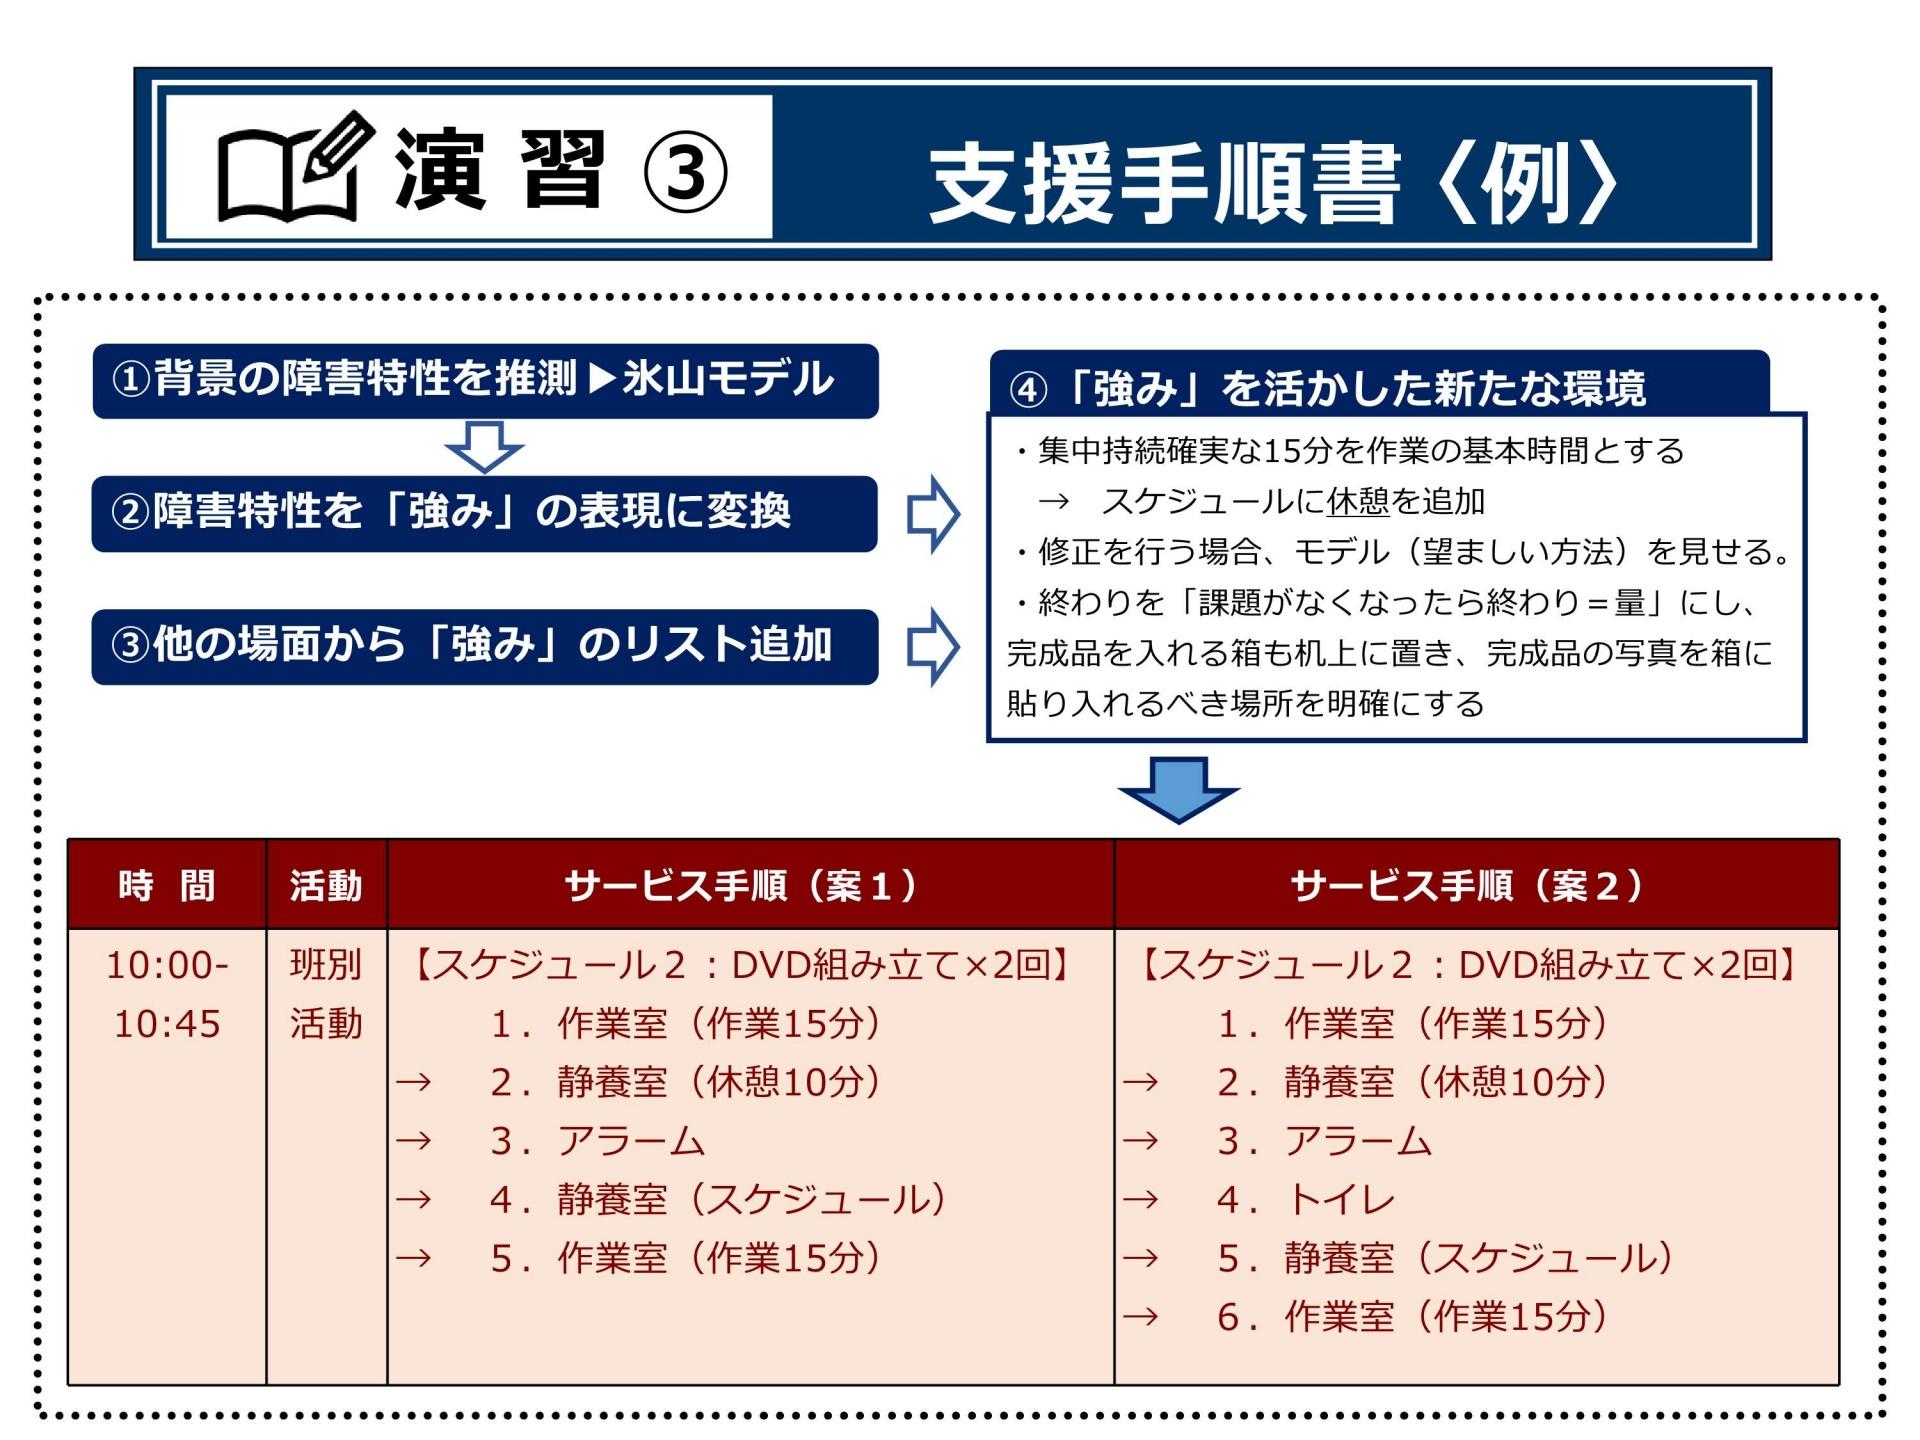 P.52プランニングⅠ(演習③支援手順書(例))